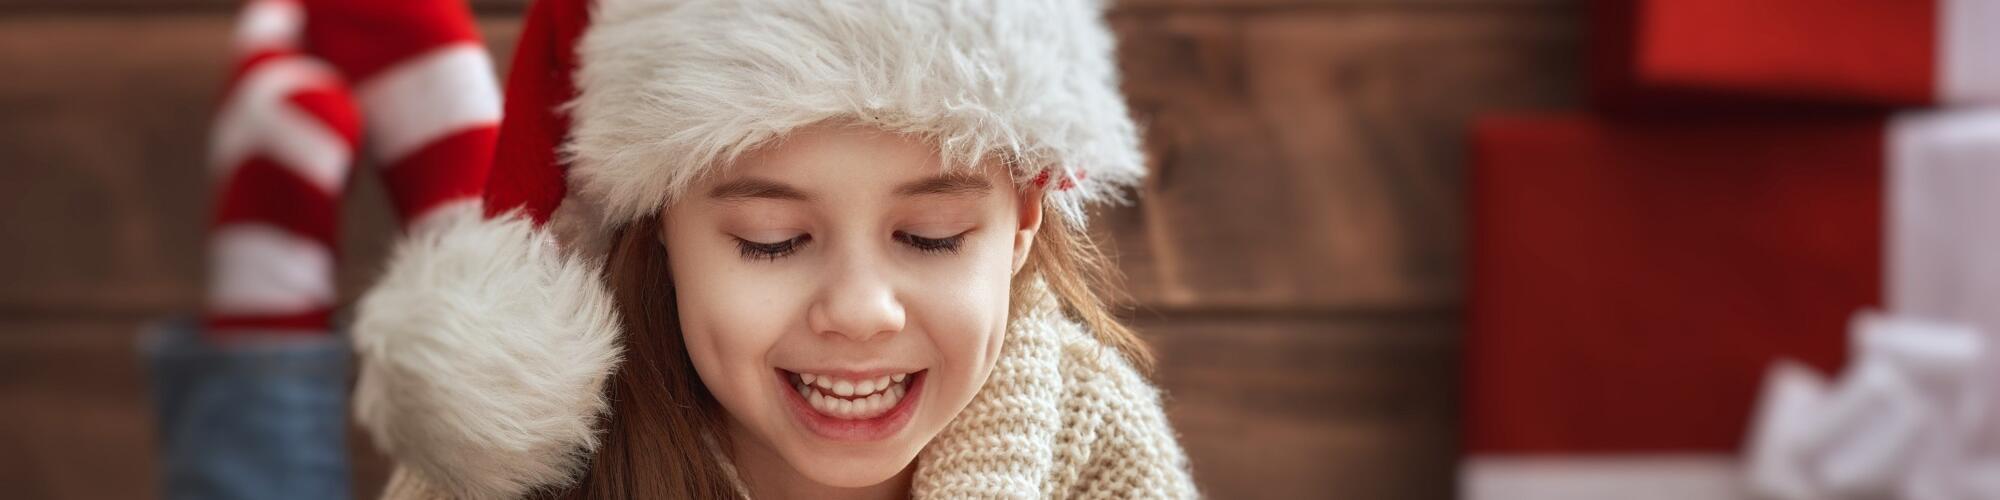 Natale a Ischia con bimbi gratis fino a 12 anni in hotel termale